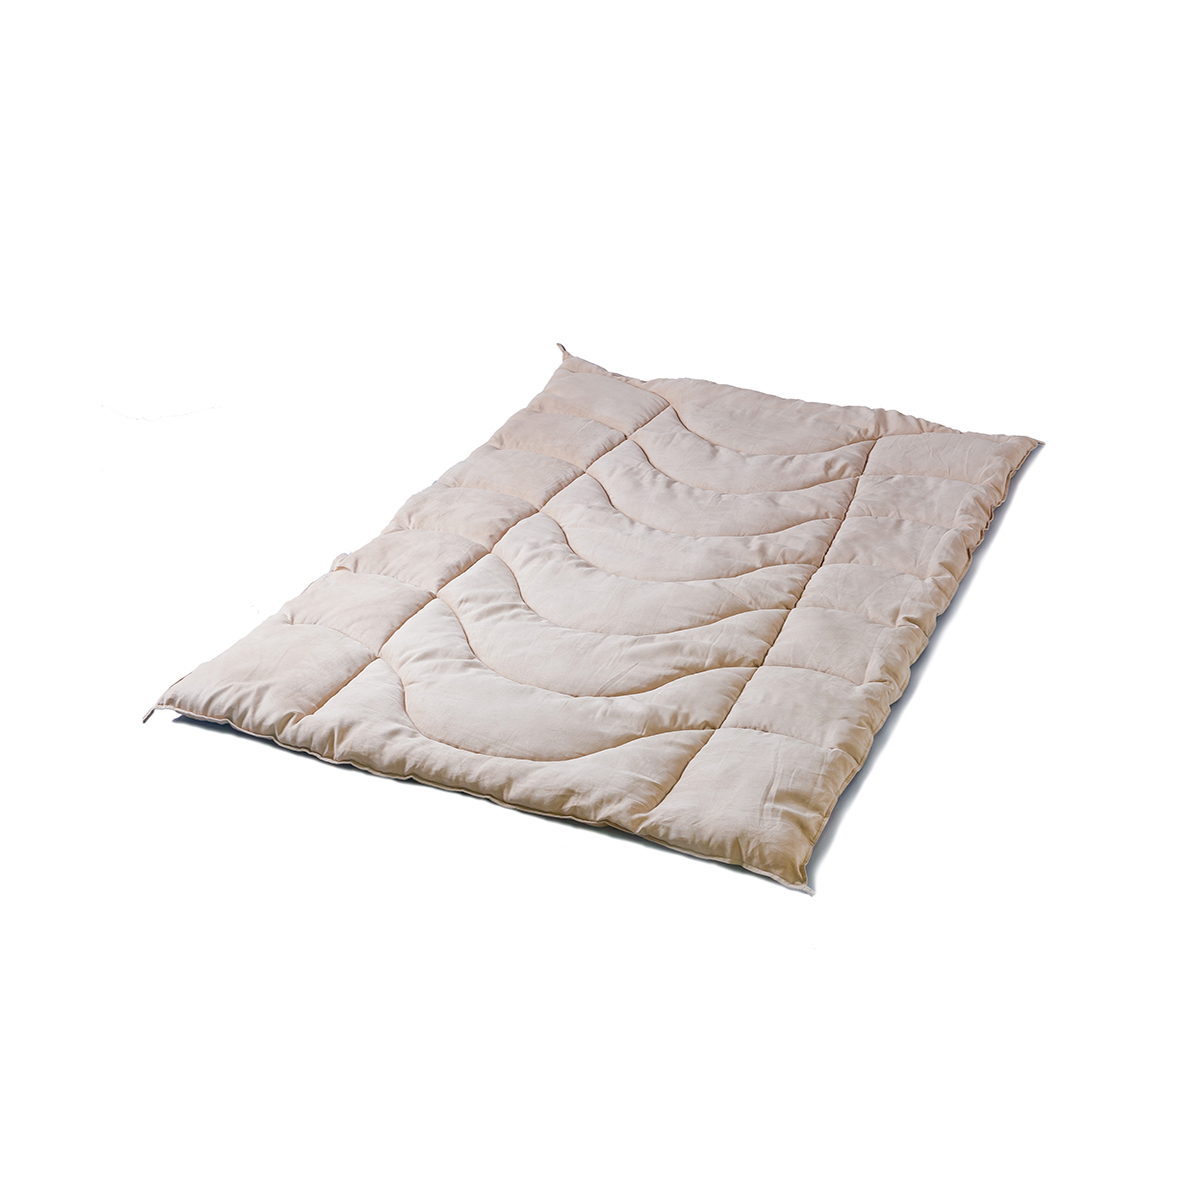 深呼吸したくなる「寝具」 掛け布団 (シングル)抗菌機能と乾きやすさを兼ね備えた、丸洗い可能な寝具 ベルクラウド